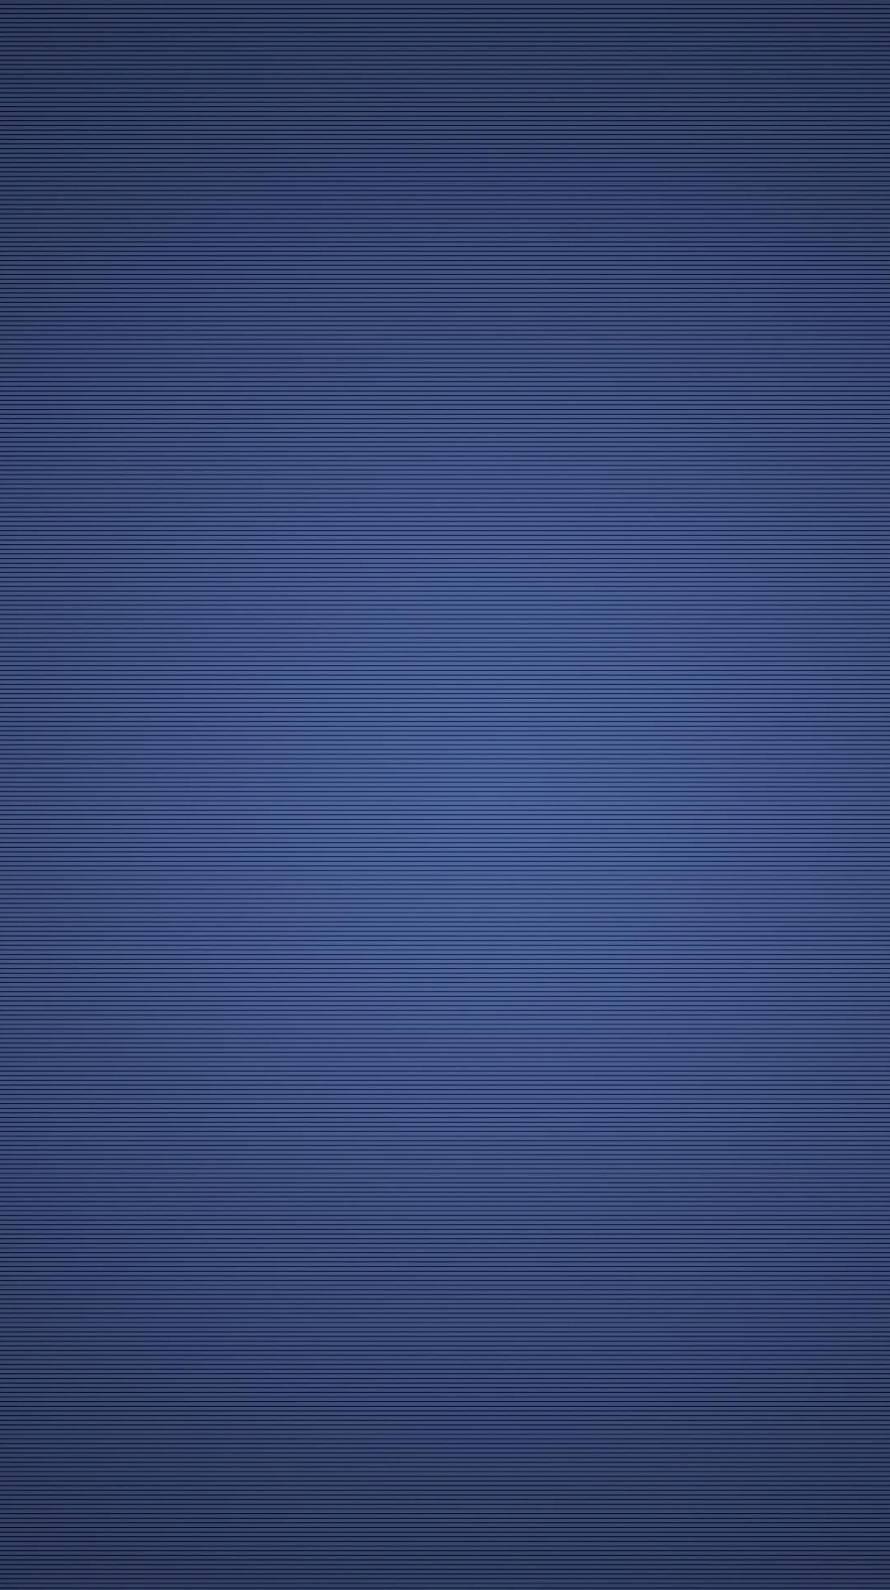 細い線の入った青いiPhone6壁紙